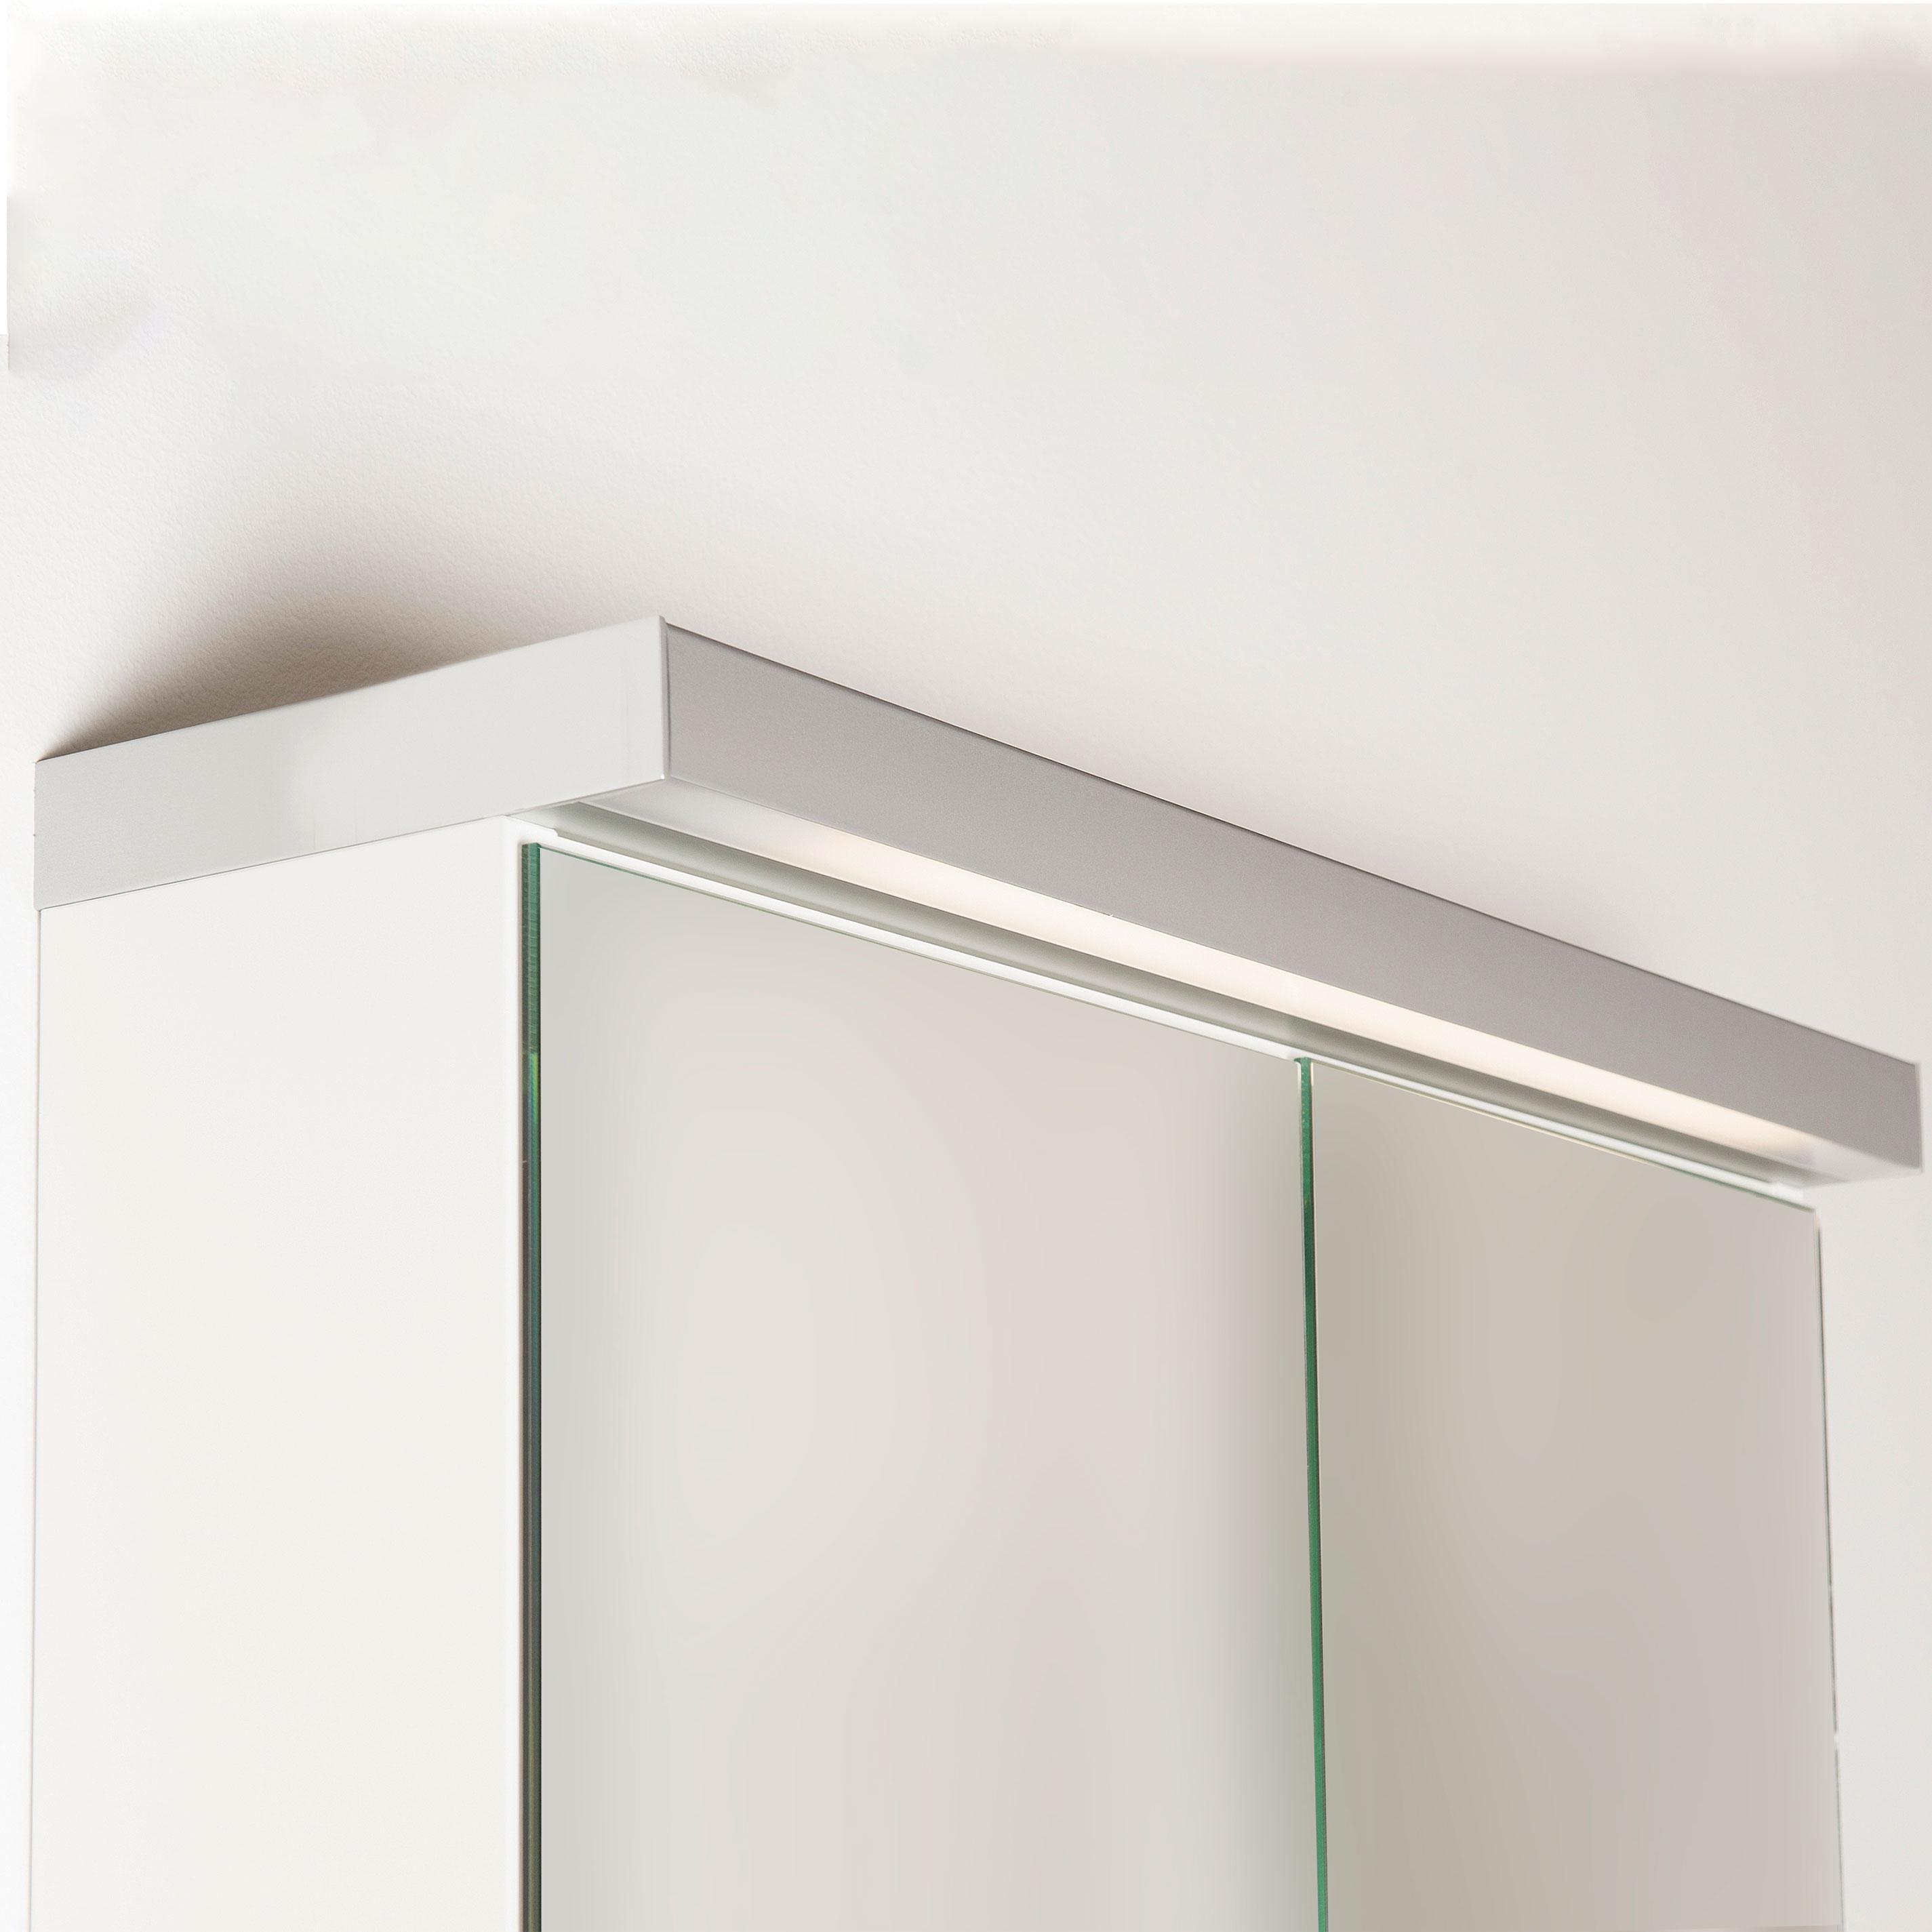 Belysningsprofil LED Ballingslöv till Spegelskåp